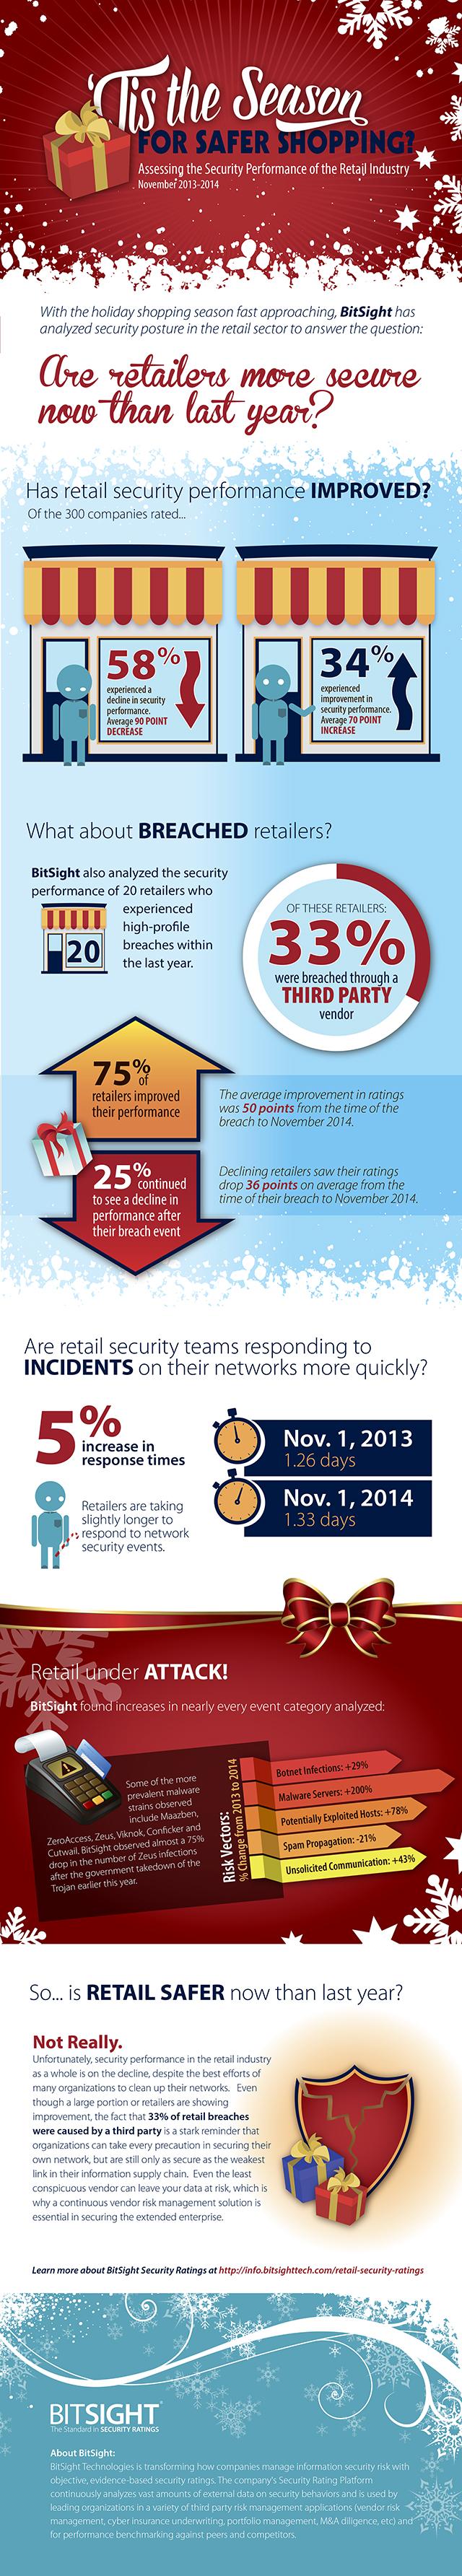 BitSight-Safer_Shopping_Infographic